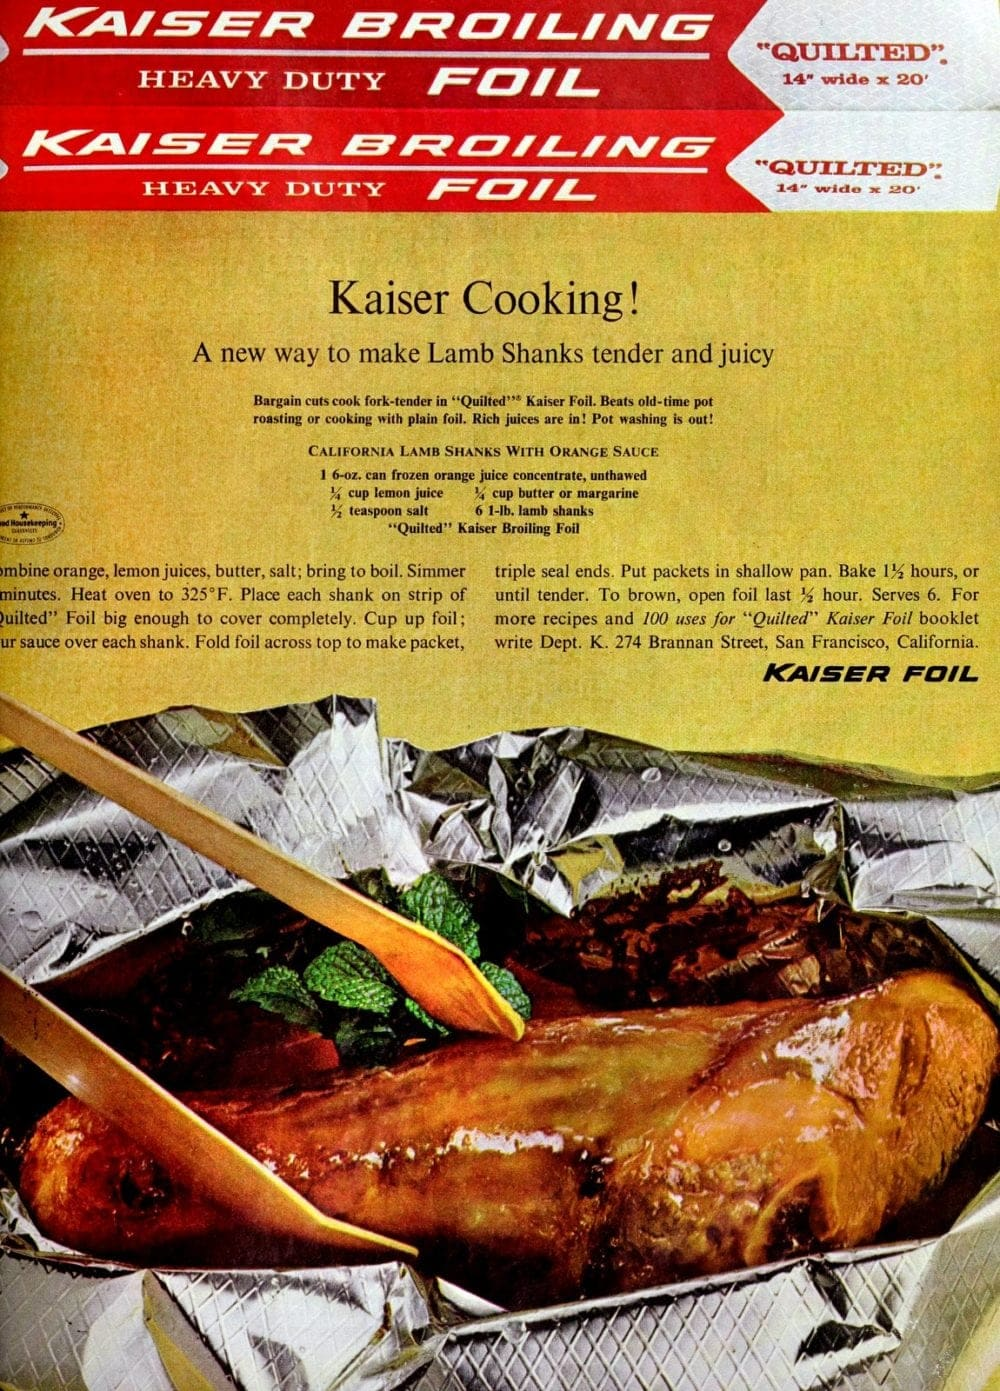 California lamb shanks recipe 1964